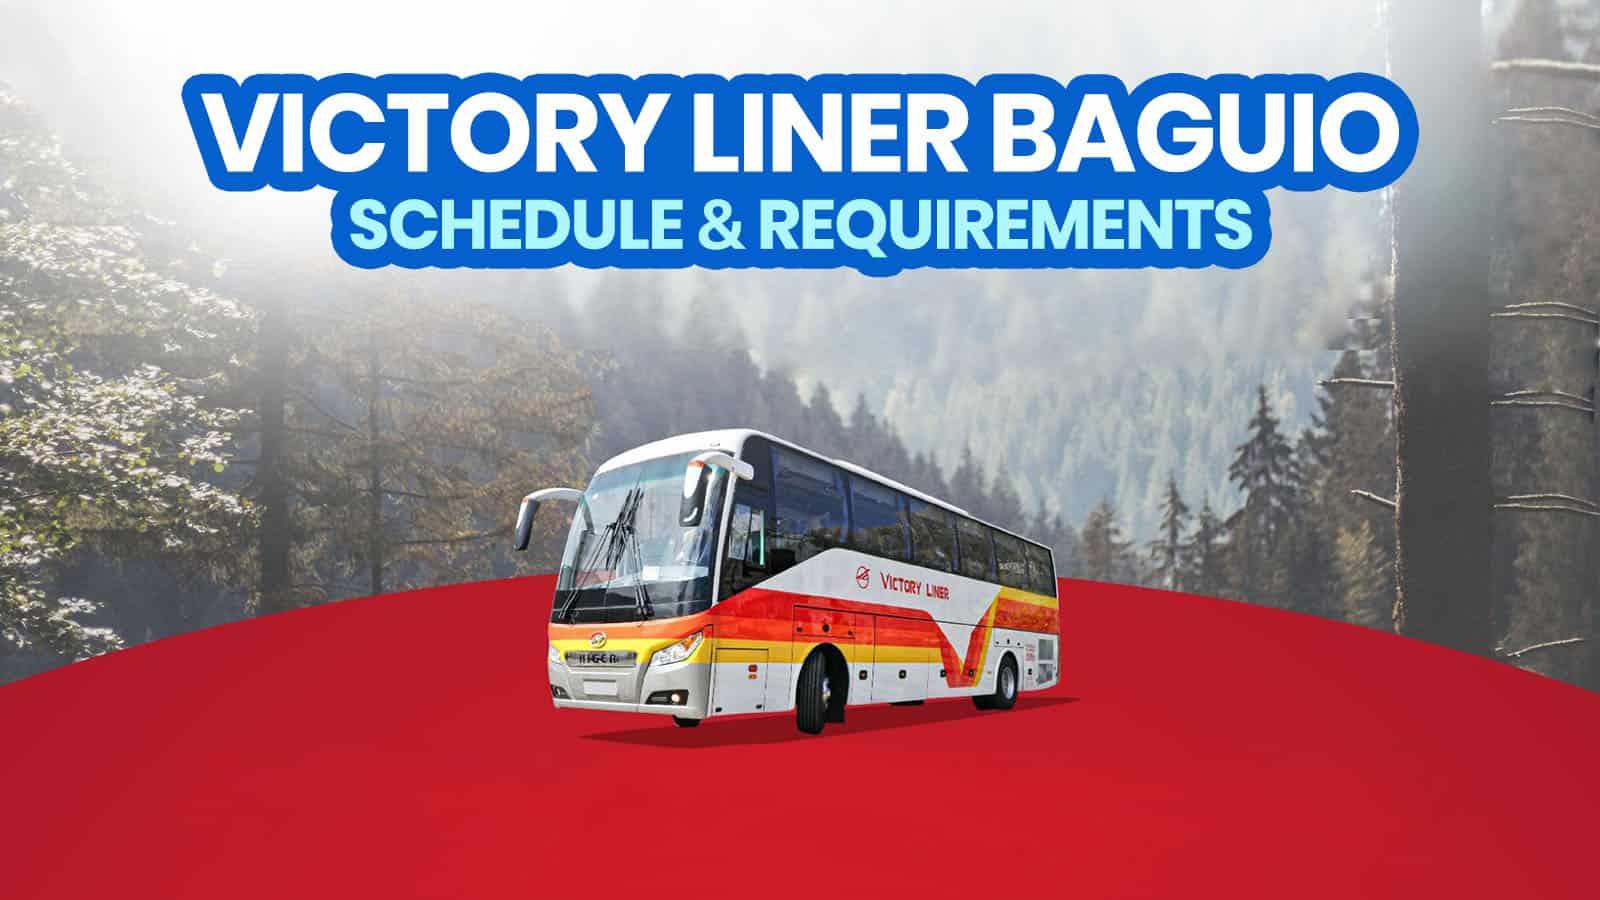 2021年VICTORY LINER BAGUIO巴士时间表和旅行要求(马尼拉和奥隆加波) 穷游者行程博客